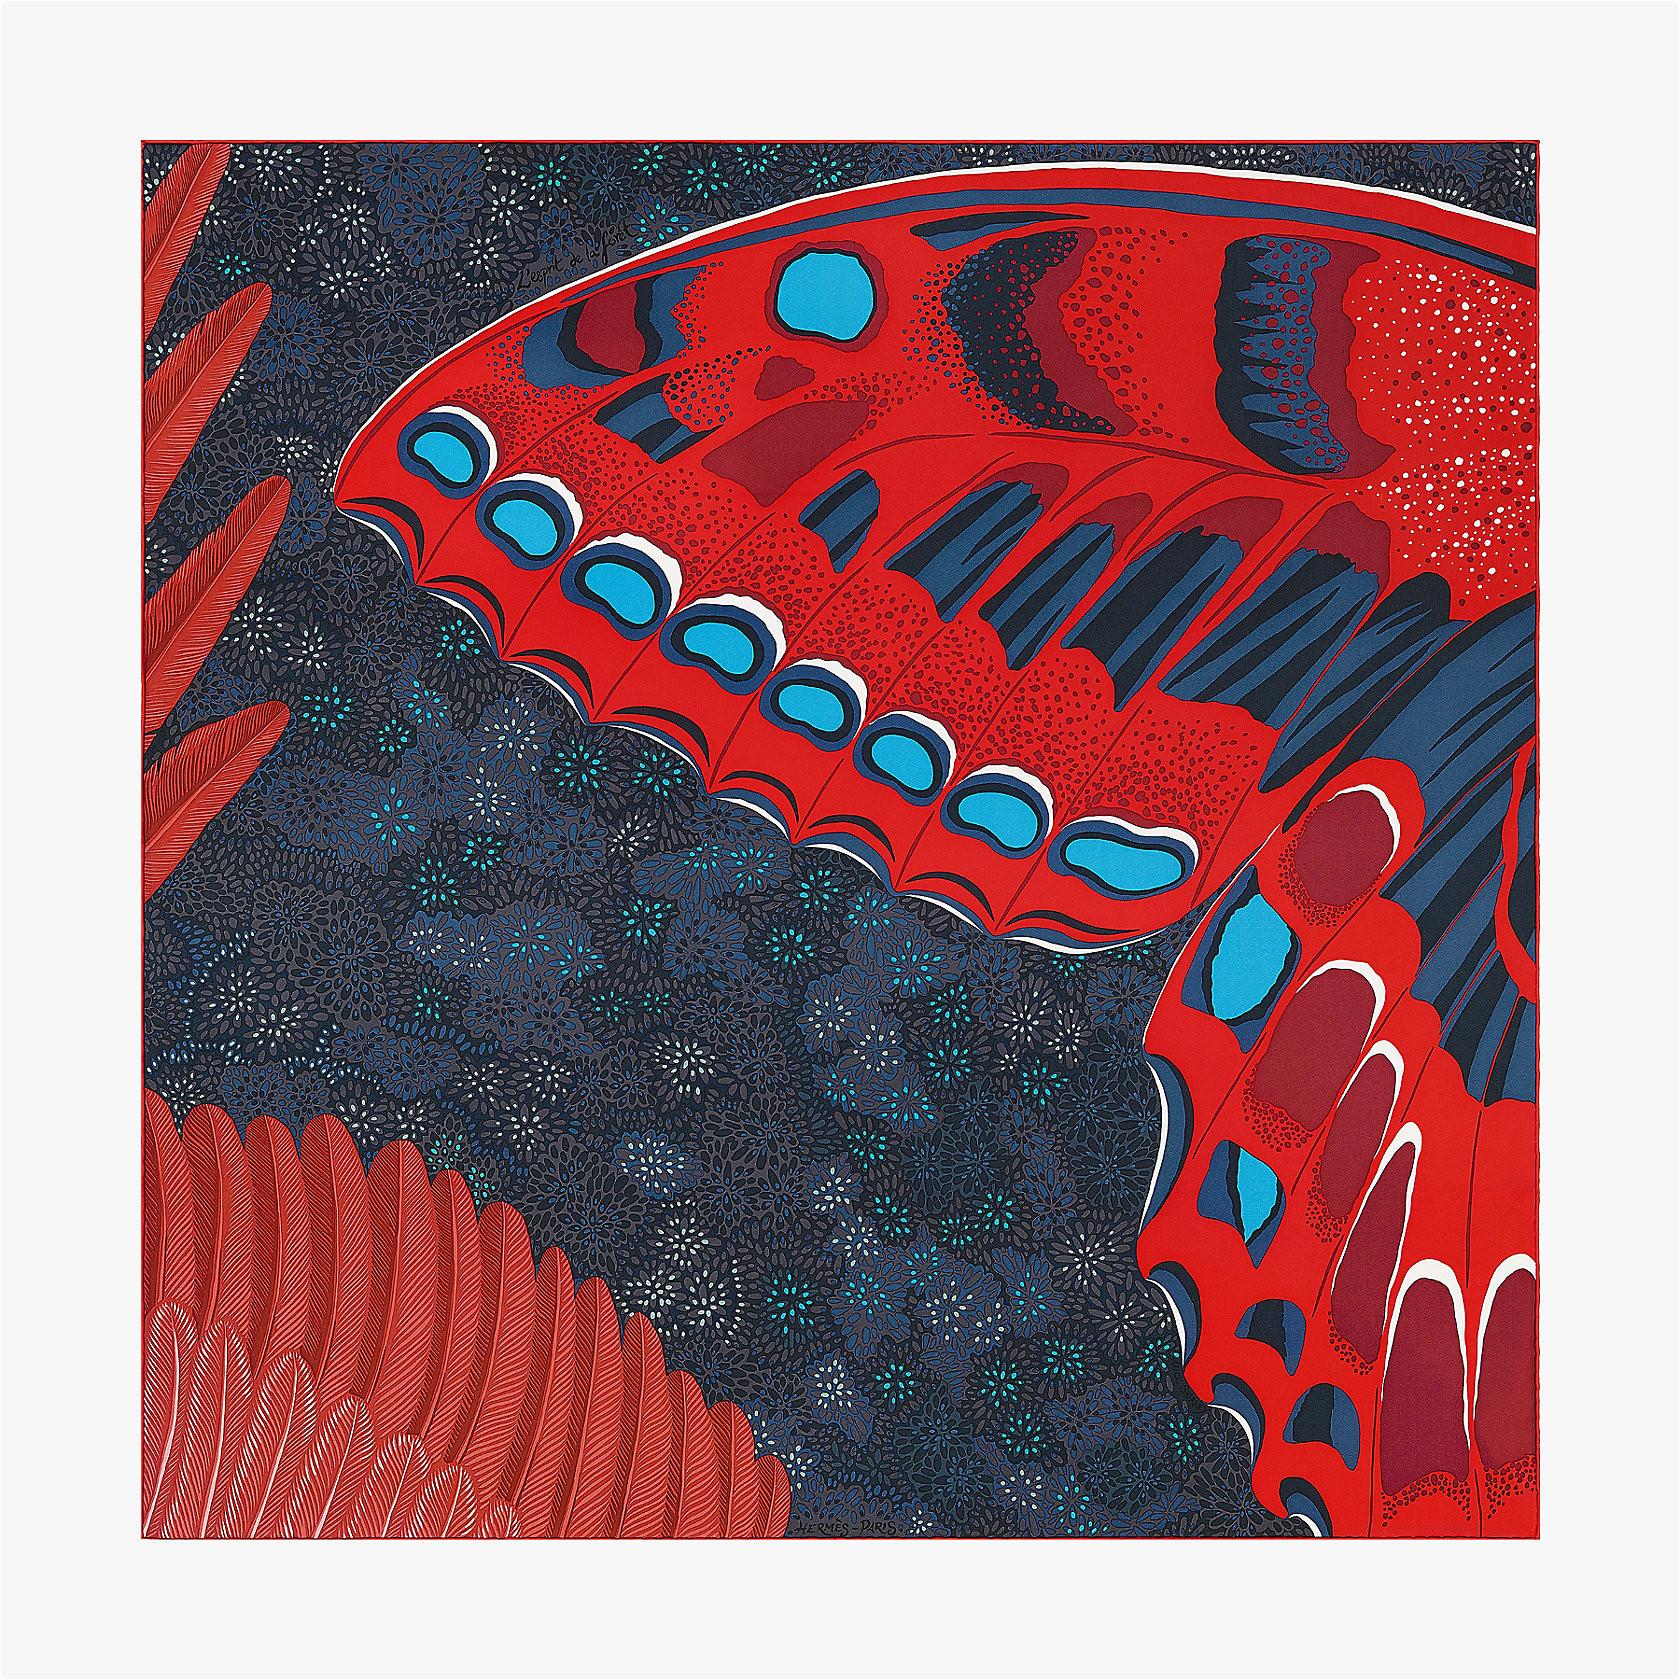 l esprit de la foret scarf 90 003226s 2006 front 1 300 0 1680 1680 jpg